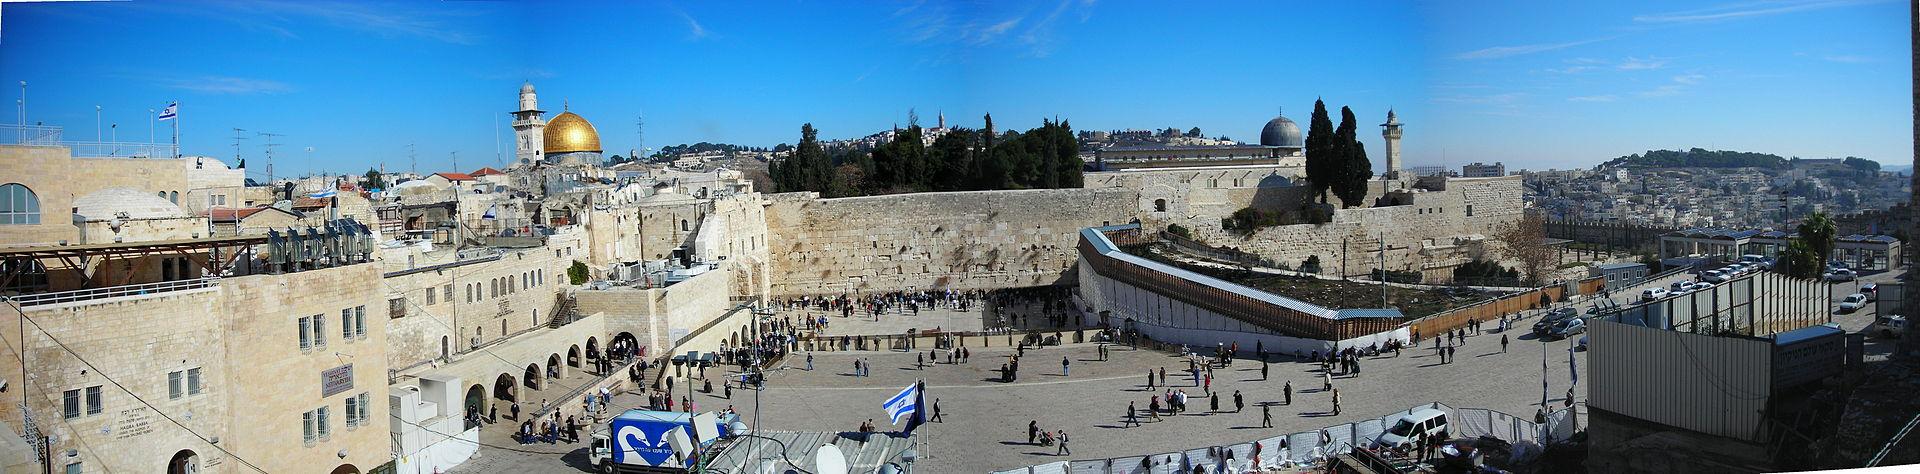 El Monte del Templo, sitio del Muro de las Lamentaciones y del Domo de la Roca, santuarios para el judaísmo y el islam, respectivamente, en Jerusalén. Imagen: Guilad Gonen. Fuente: Wikipedia.